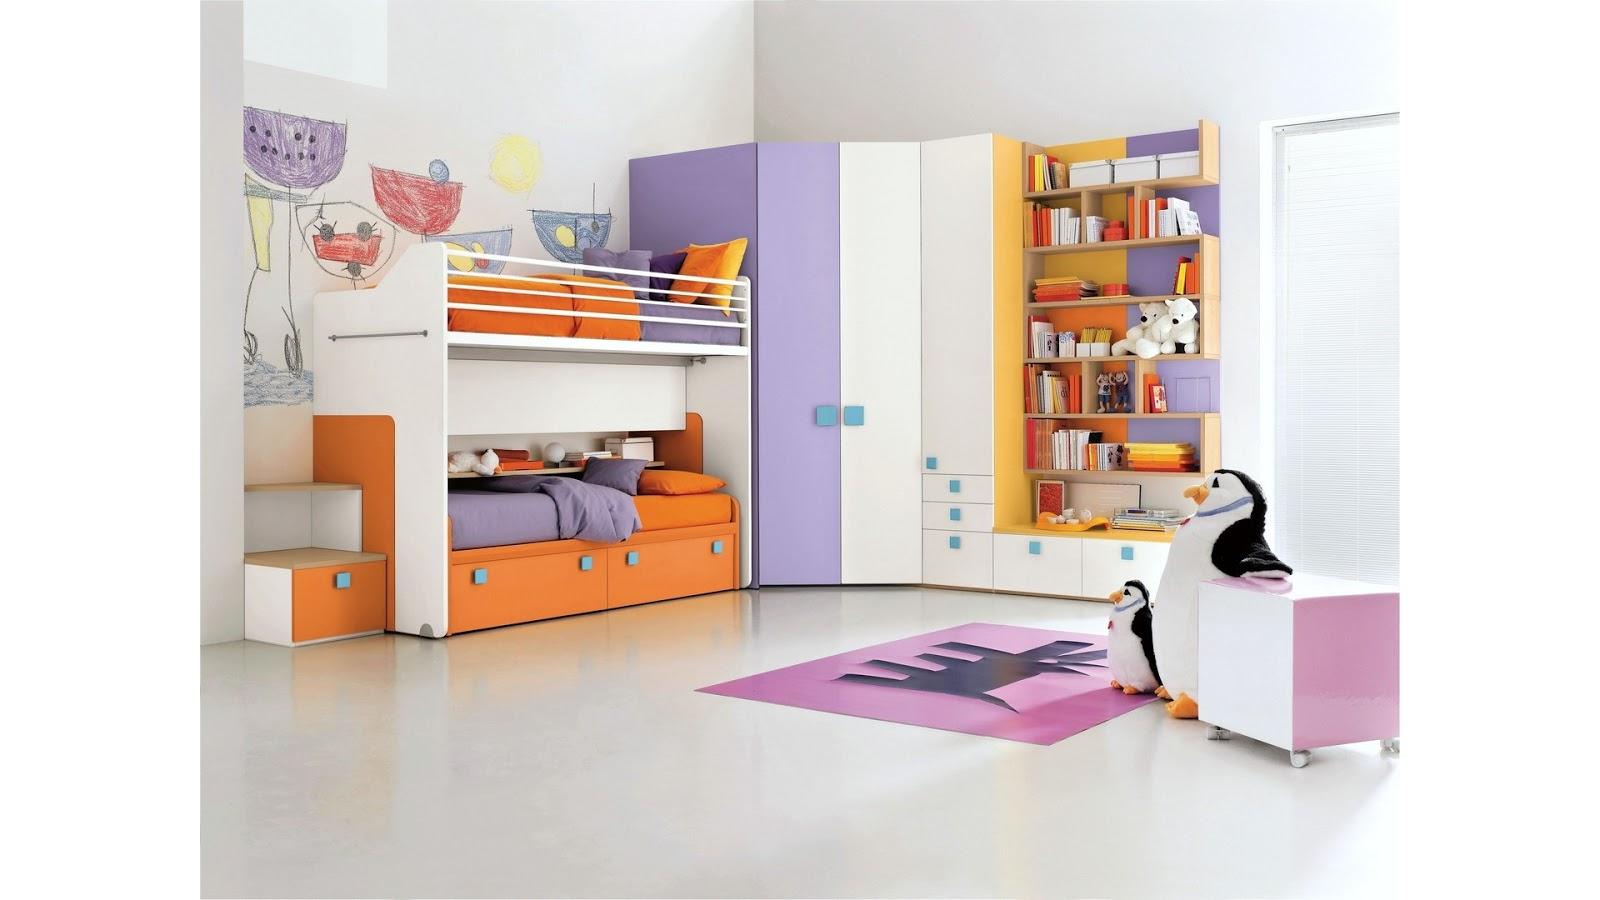 Bonetti camerette bonetti bedrooms camerette dielle for Cameretta armadio